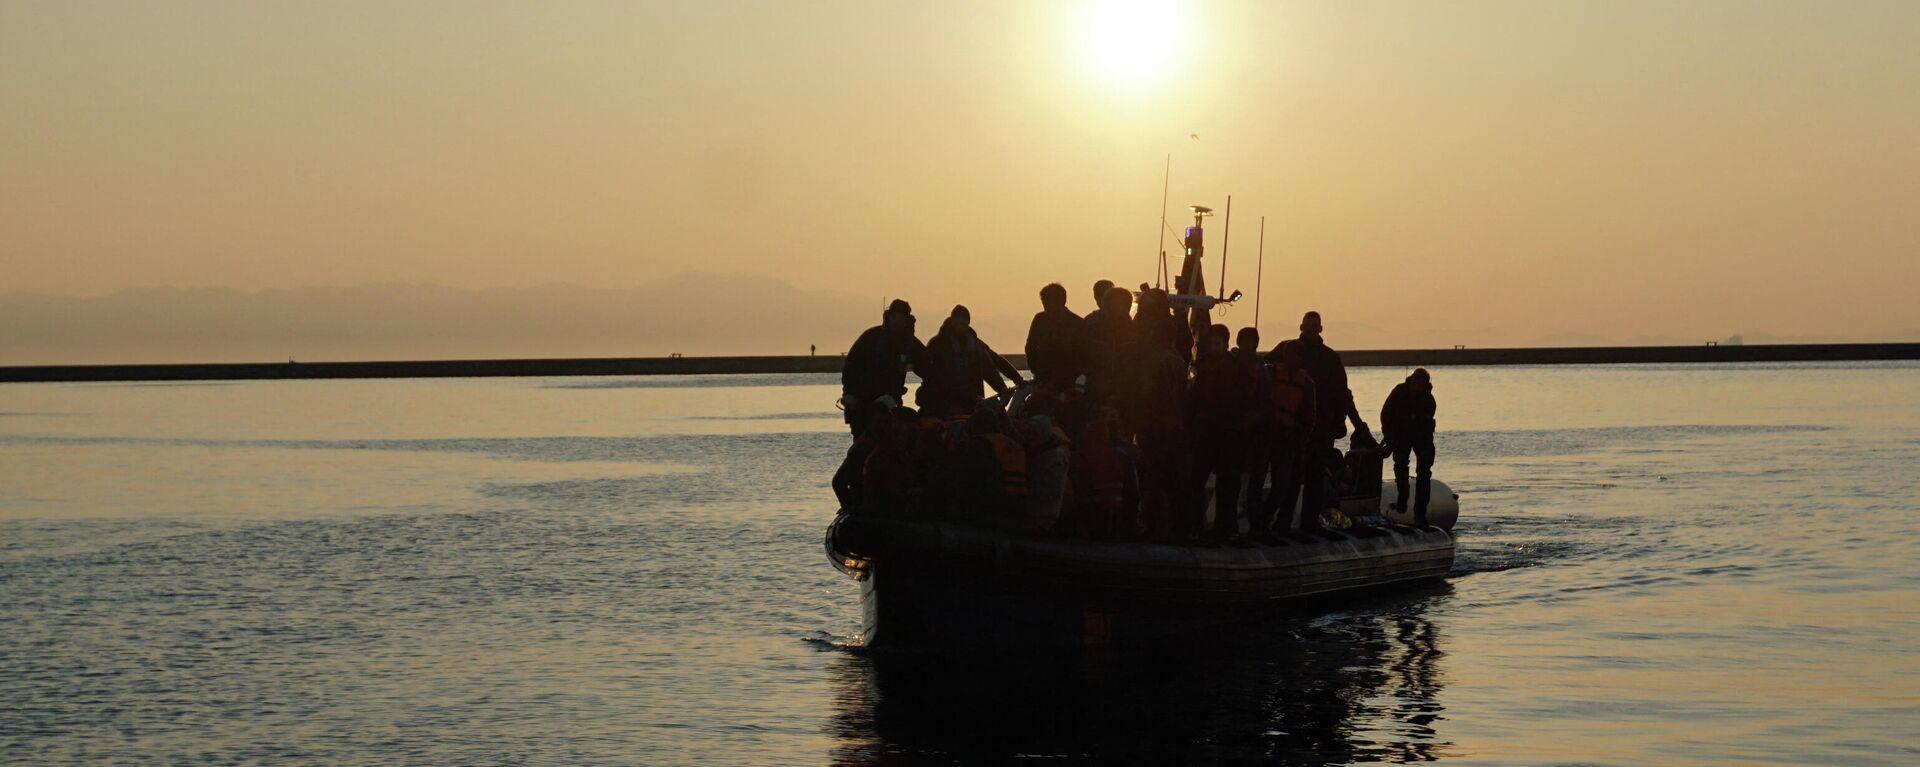 Migranten und Flüchtlinge kommen am 29. März 2016 mit einem schwedischen Frontex-Patrouillenboot im Hafen von Mytilene auf der griechischen Insel Lesbos an.  - SNA, 1920, 20.04.2021